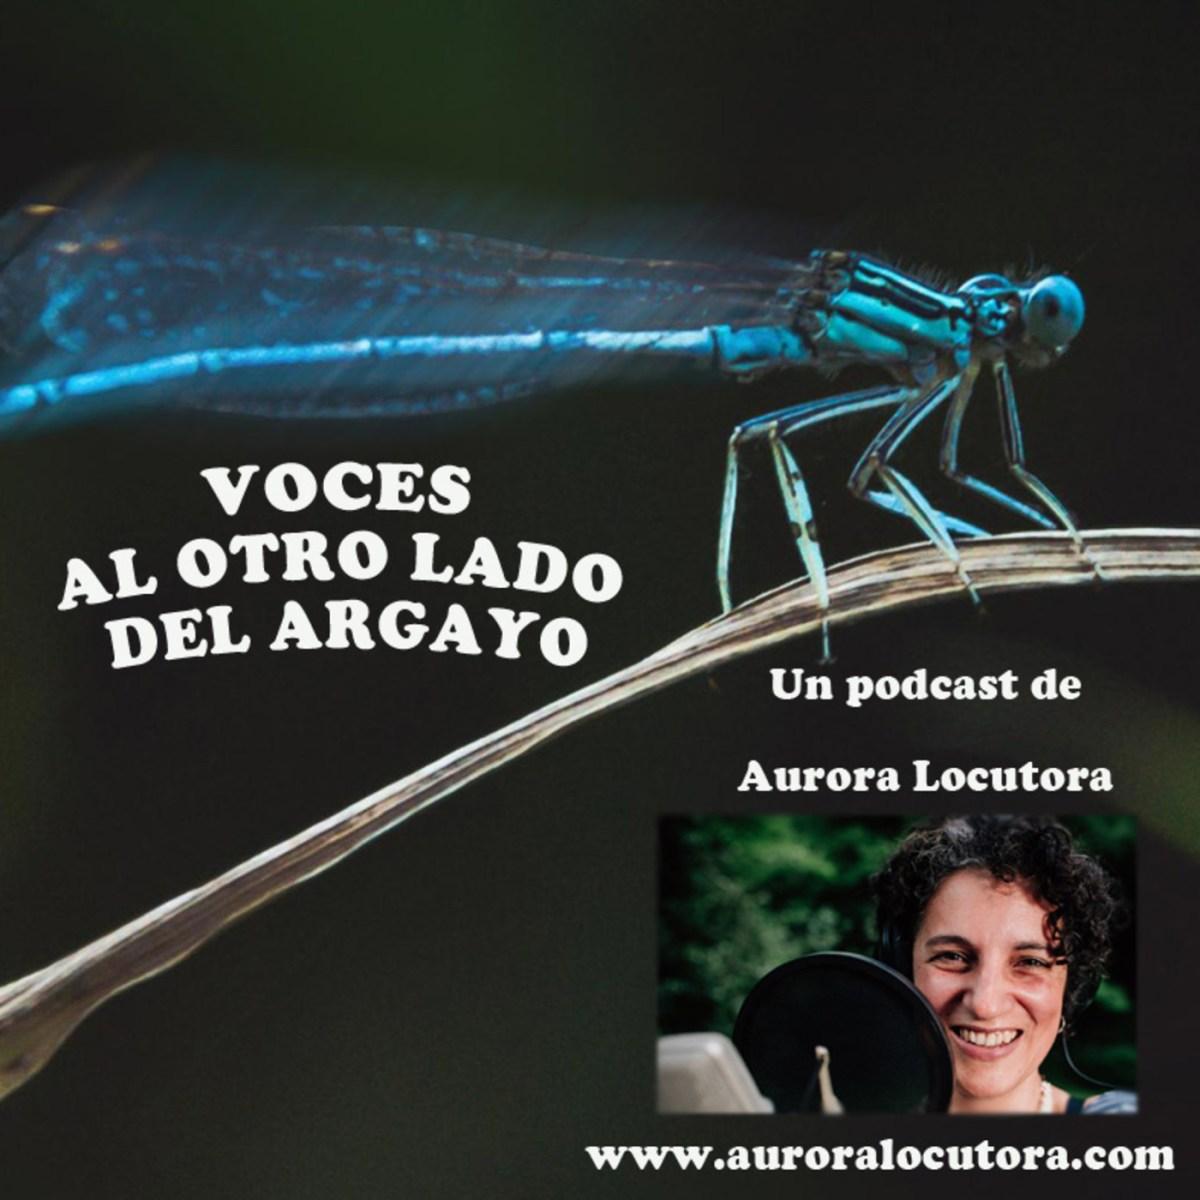 VOCES AL OTRO LADO DEL ARGAYO  -  Aurora Locutora